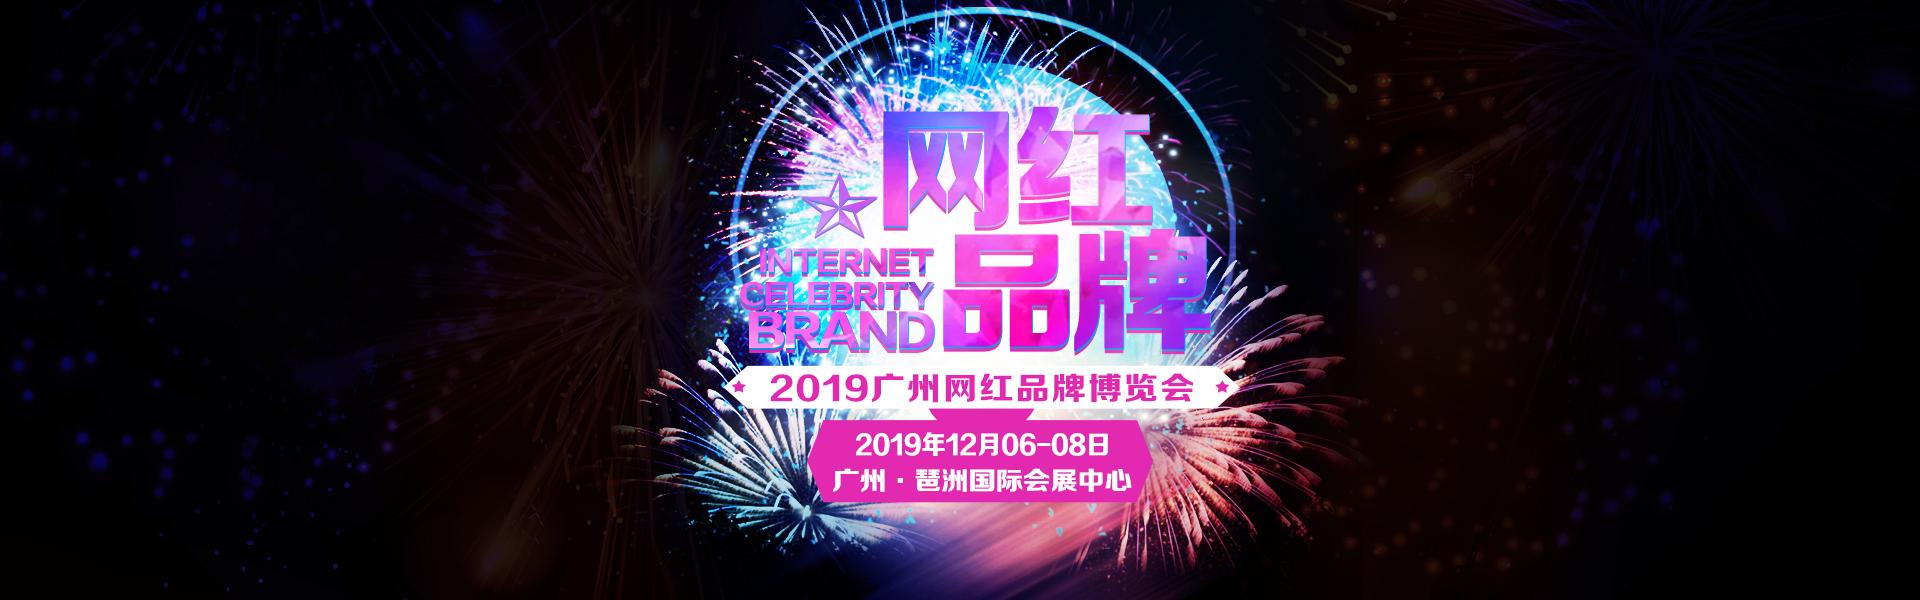 助力網紅經濟大融合時代——2019廣州網紅品牌博覽會正式啟動